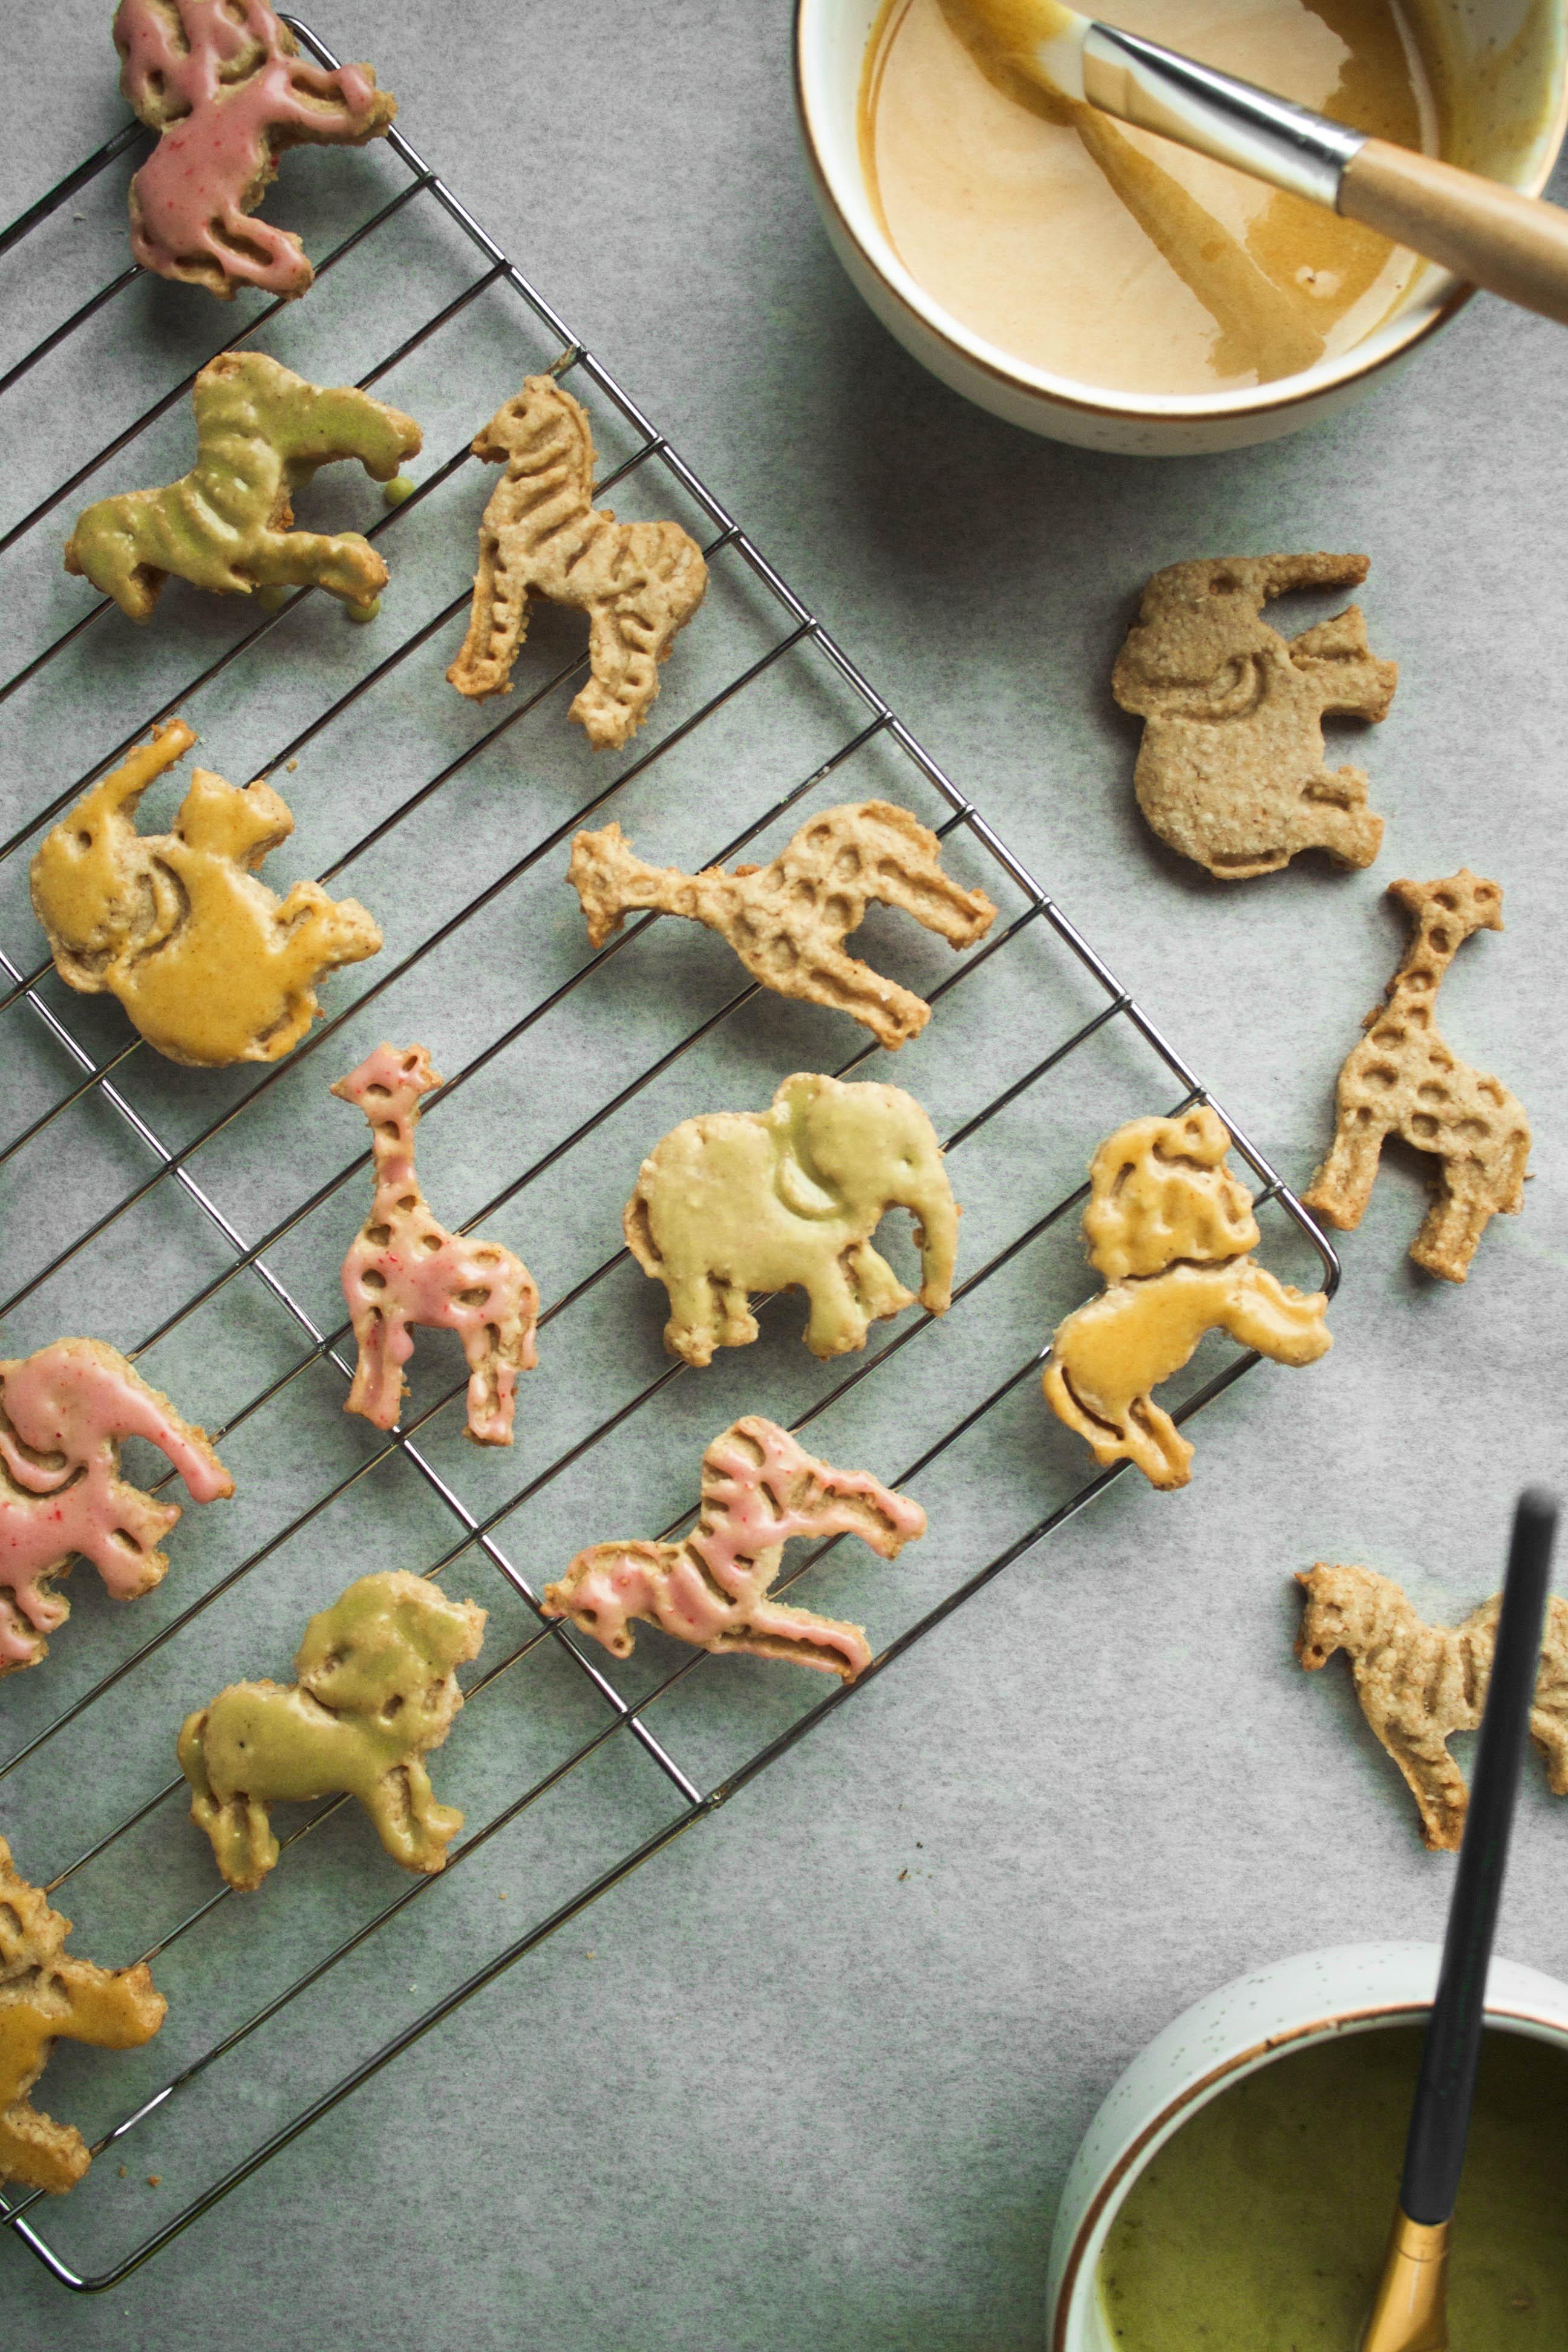 Whole Grain Animal Cracker Cookies - Zestful Kitchen